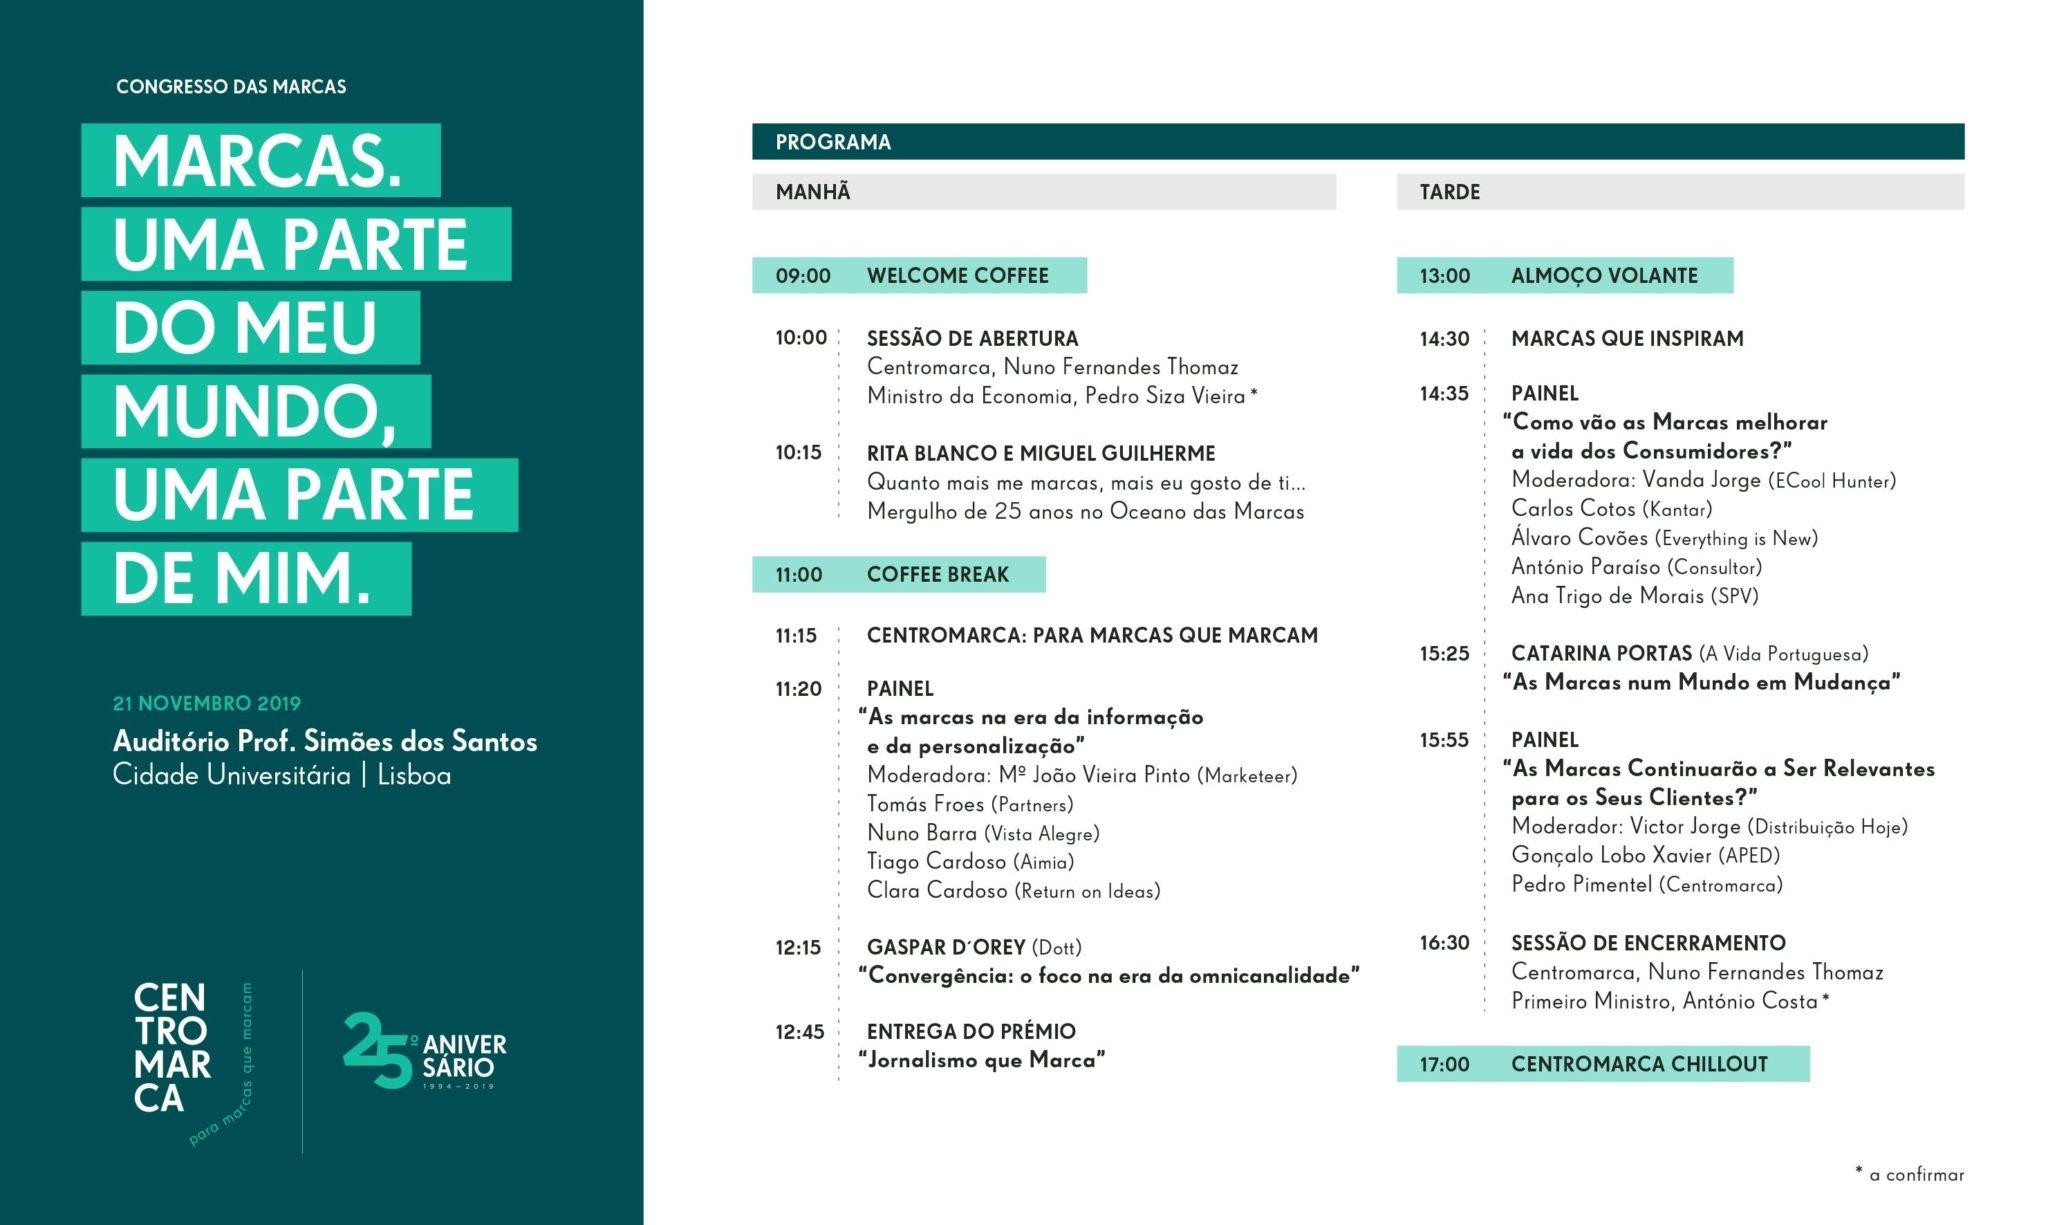 Programa Congresso das Marcas 2019_Centromarca